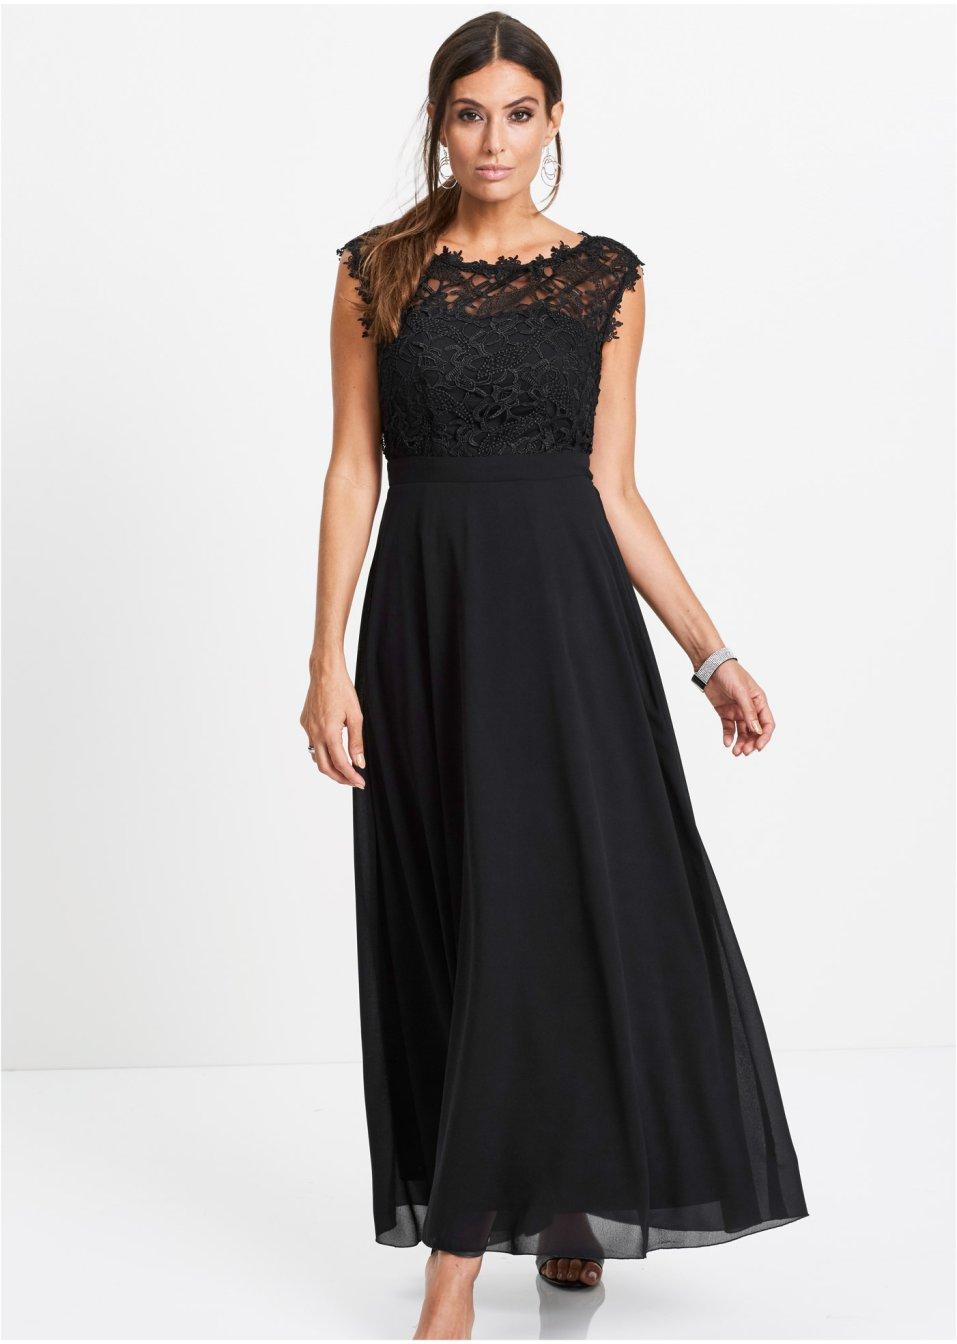 331cf43c239 Večerní šaty s krajkou černá - bpc selection premium objednat online -  bonprix.cz